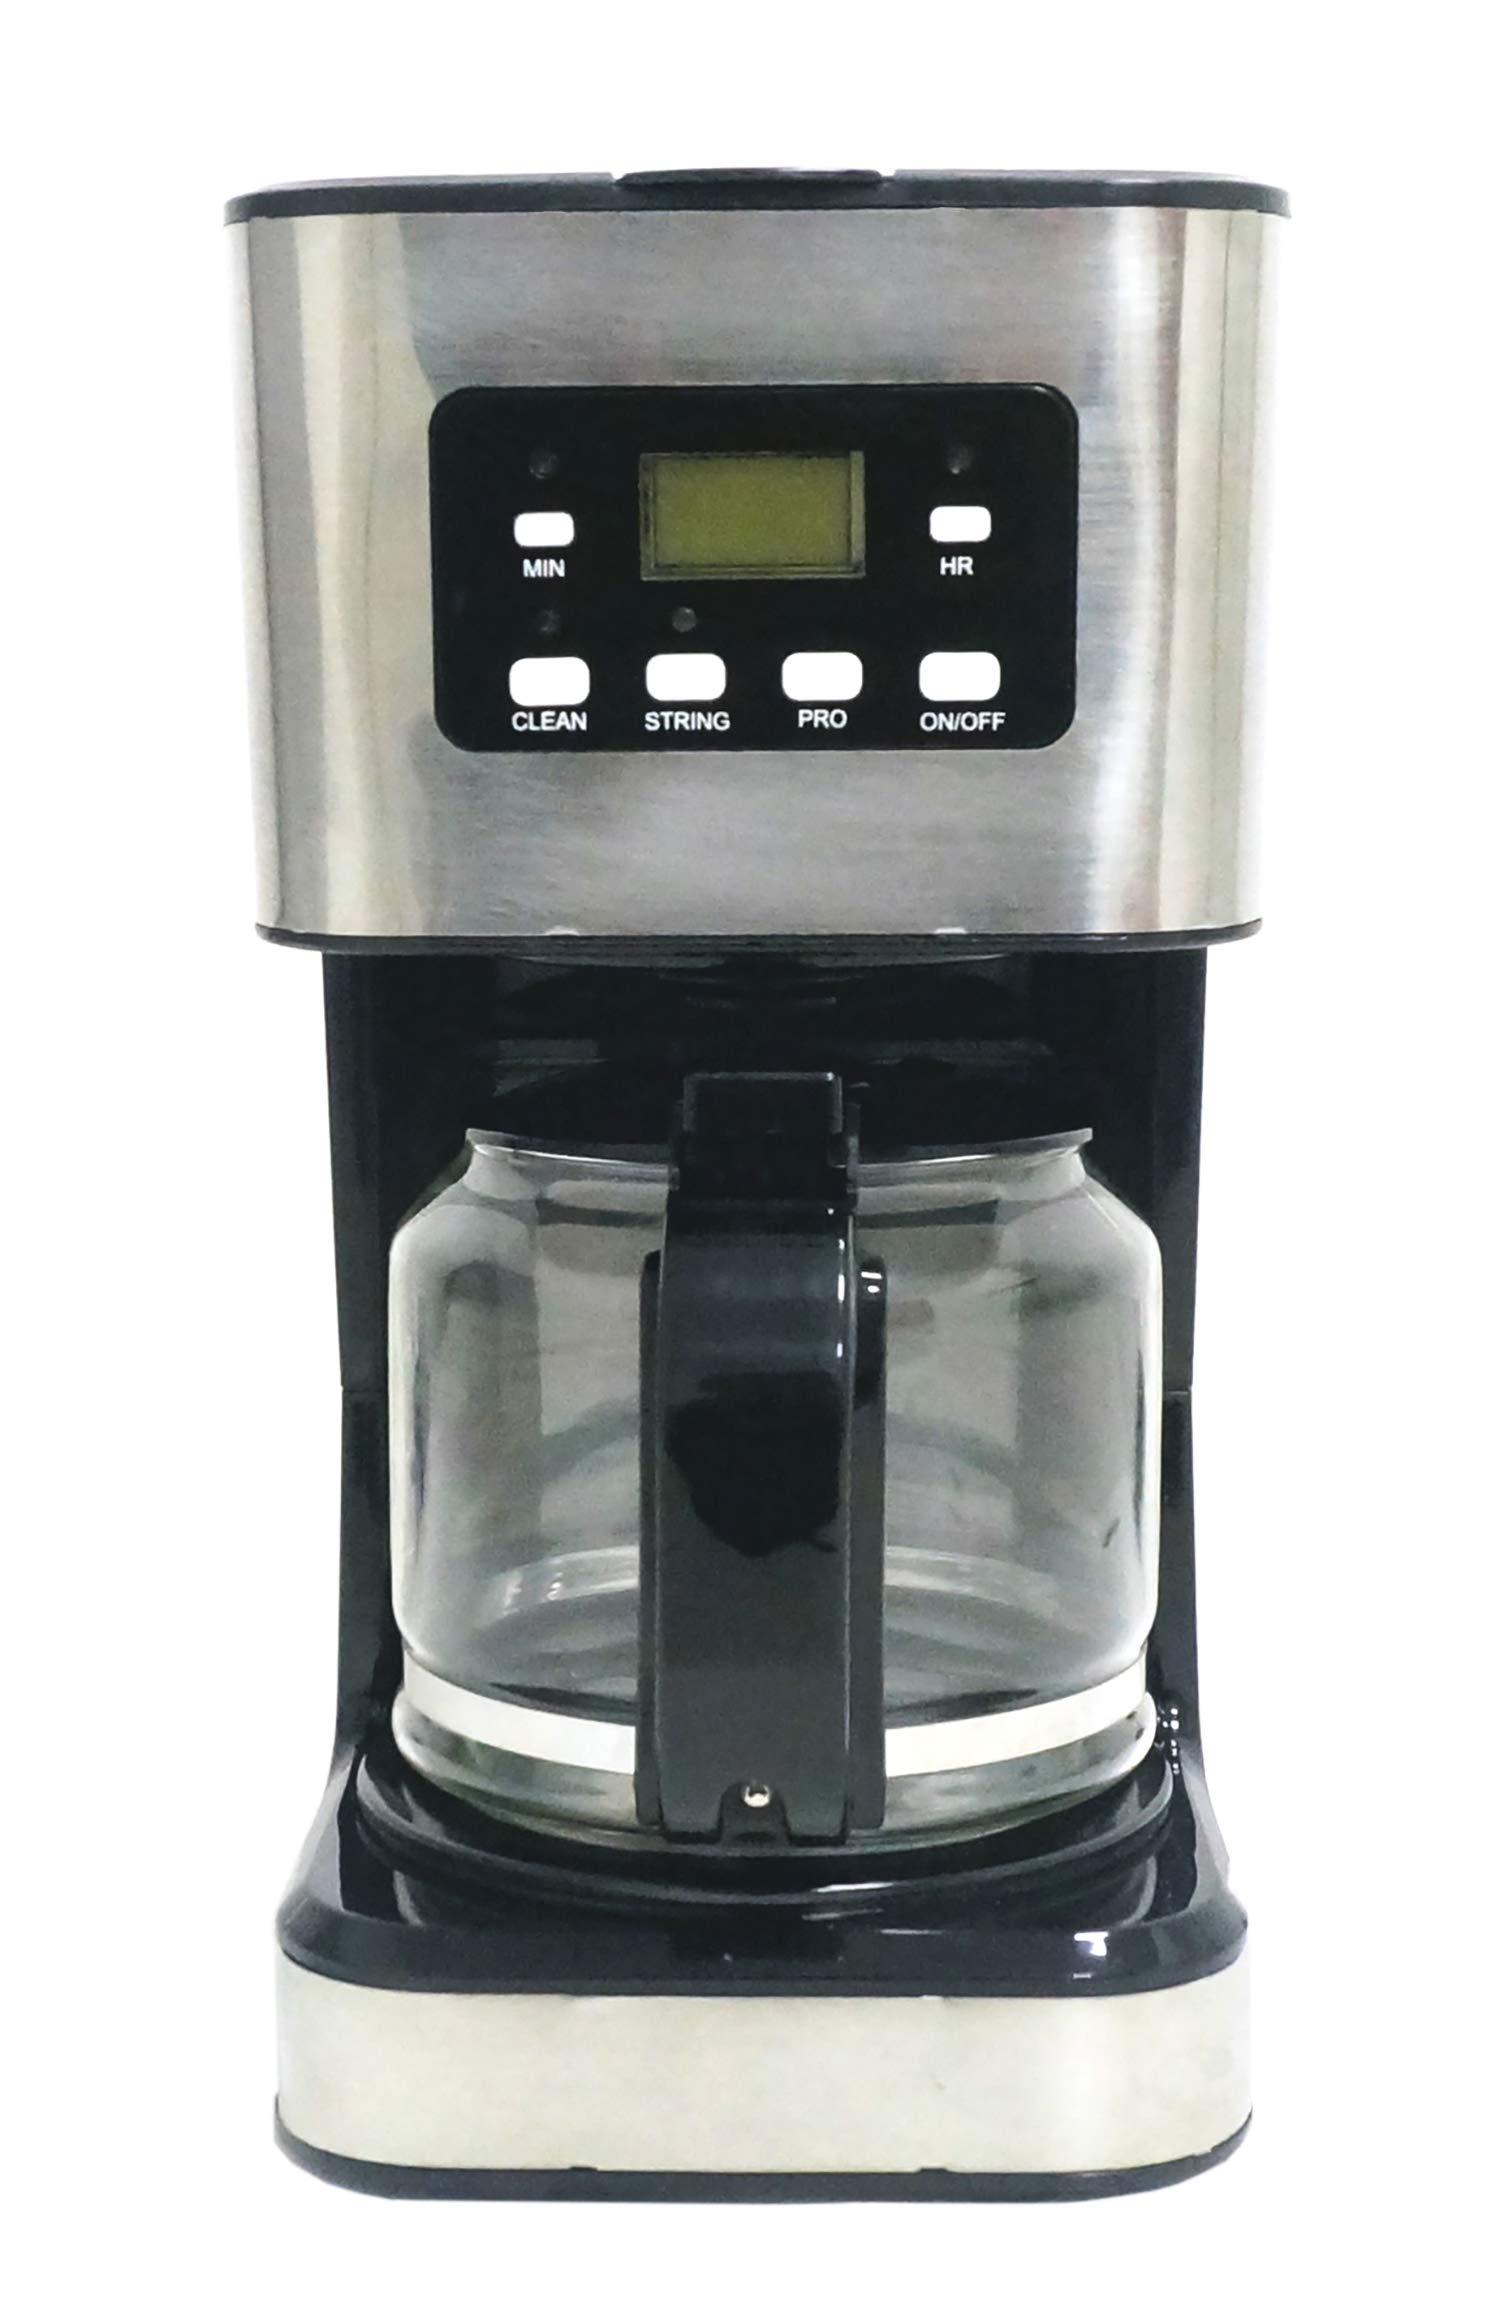 Family Care Cafetera de Goteo, Cafetera Eléctrica, Jarra 1.5 Litros para 12 Tazas, Acero Inoxidable y Plástico, Color Negro, 950 W: Amazon.es: Hogar